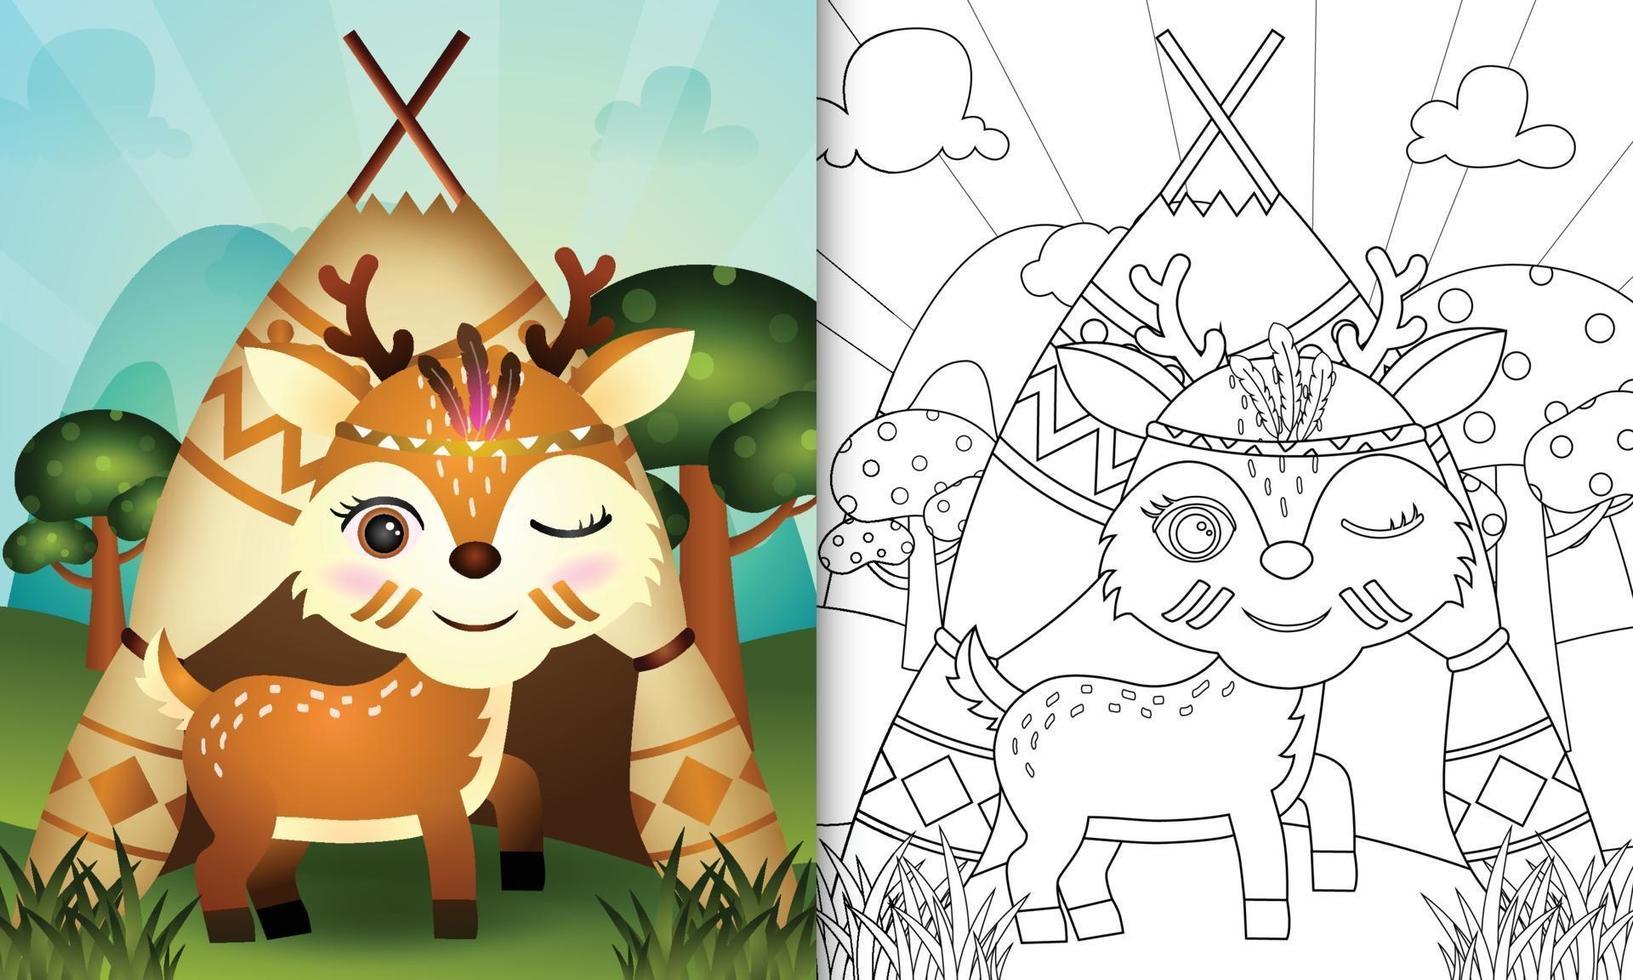 modèle de livre de coloriage pour les enfants avec une illustration de personnage de cerf boho tribal mignon vecteur